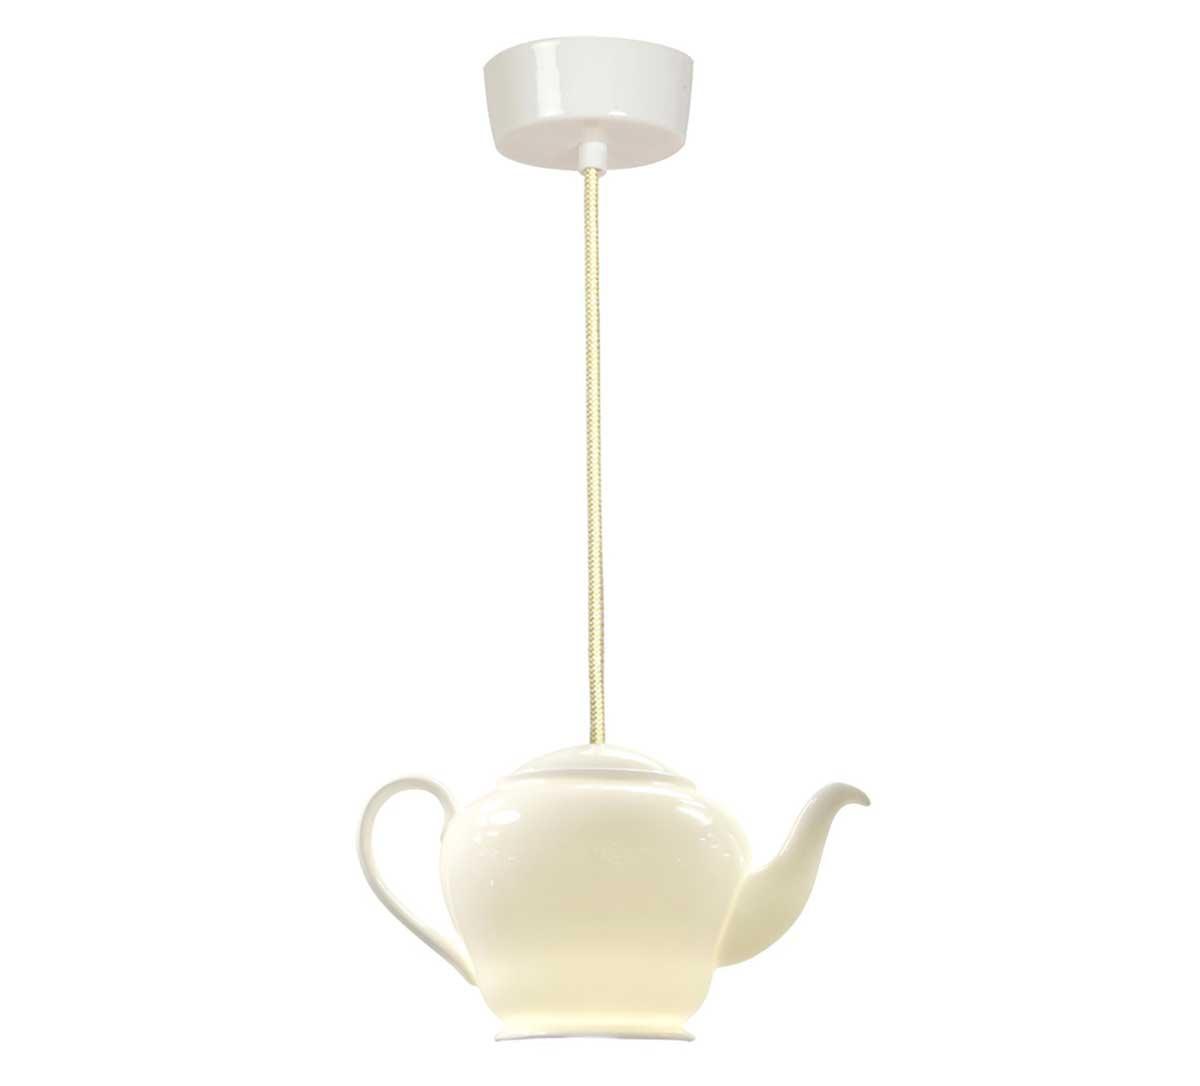 ダコタプラネッツ Tea 3 Pendant ティーポットペンダントライト